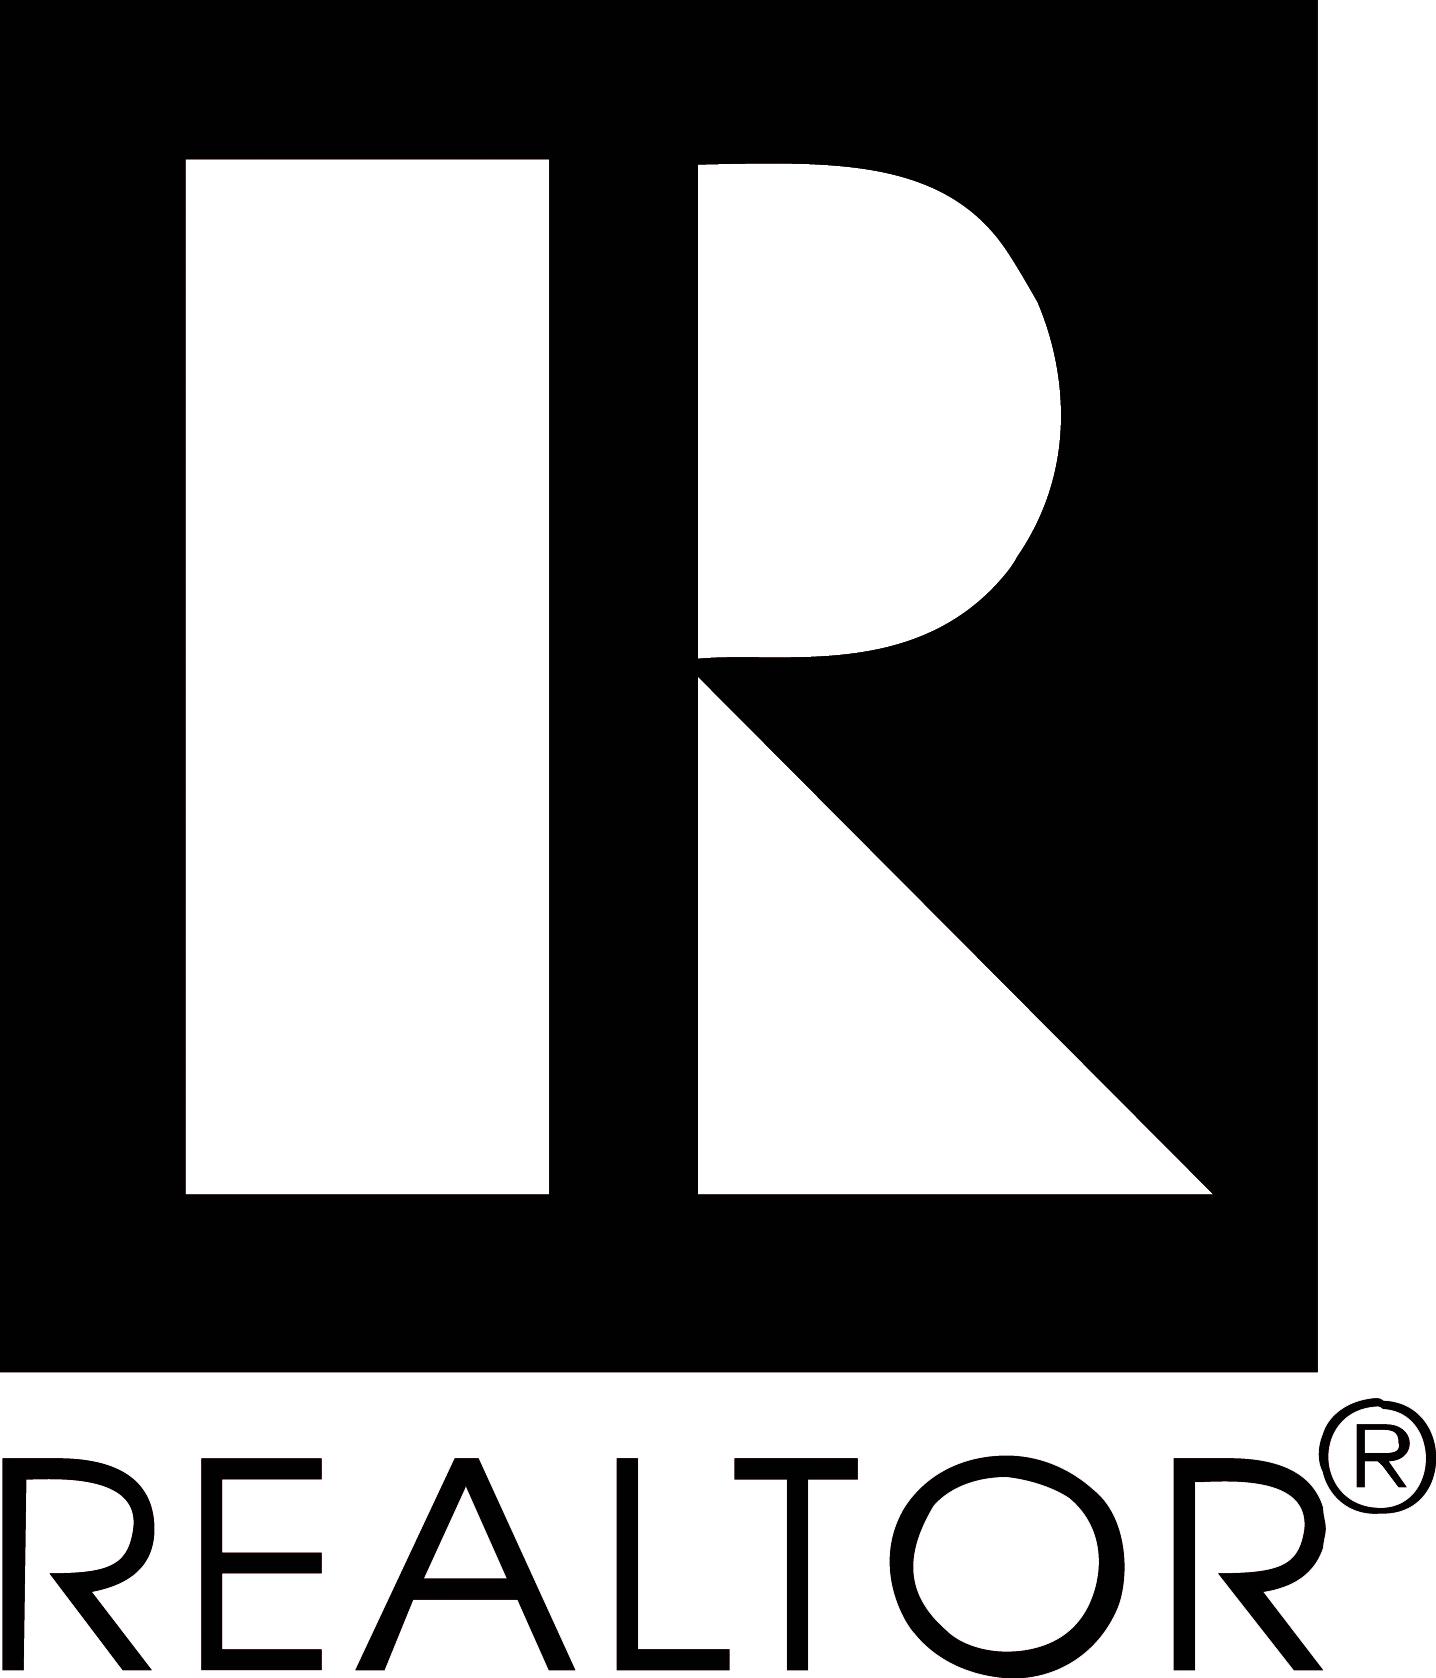 REALTOR_R_blk